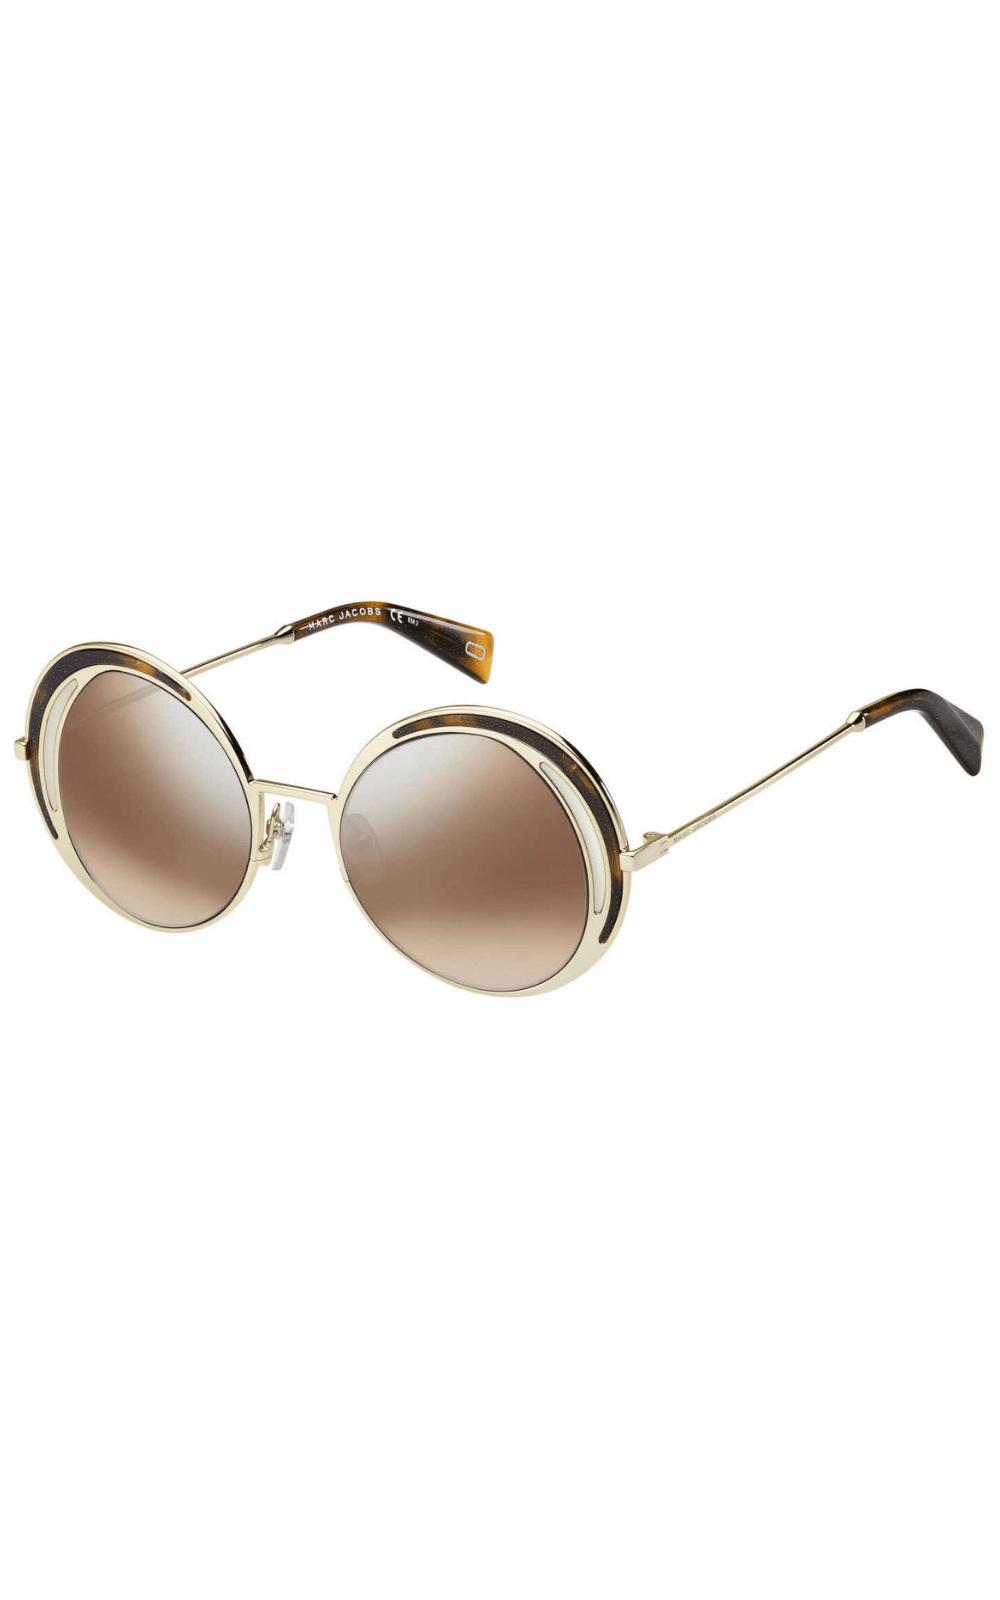 8417f21b42e73 Óculos de Sol Marc Jacobs 266 S 0086 NQ. undefined